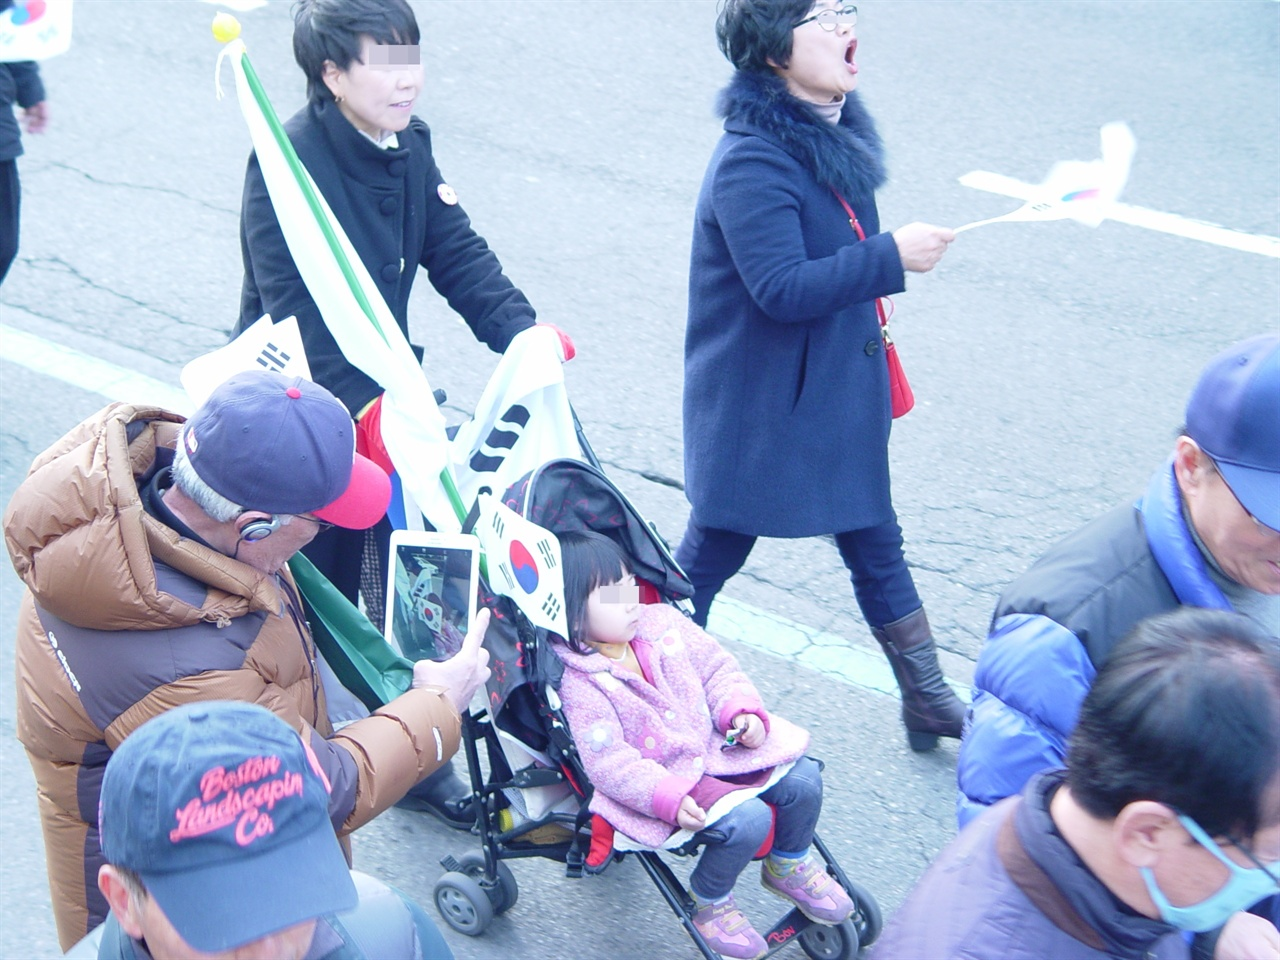 유모차 부대는 아니지만 어린 자녀를 데리고 나온 부모도 볼 수 있었다.